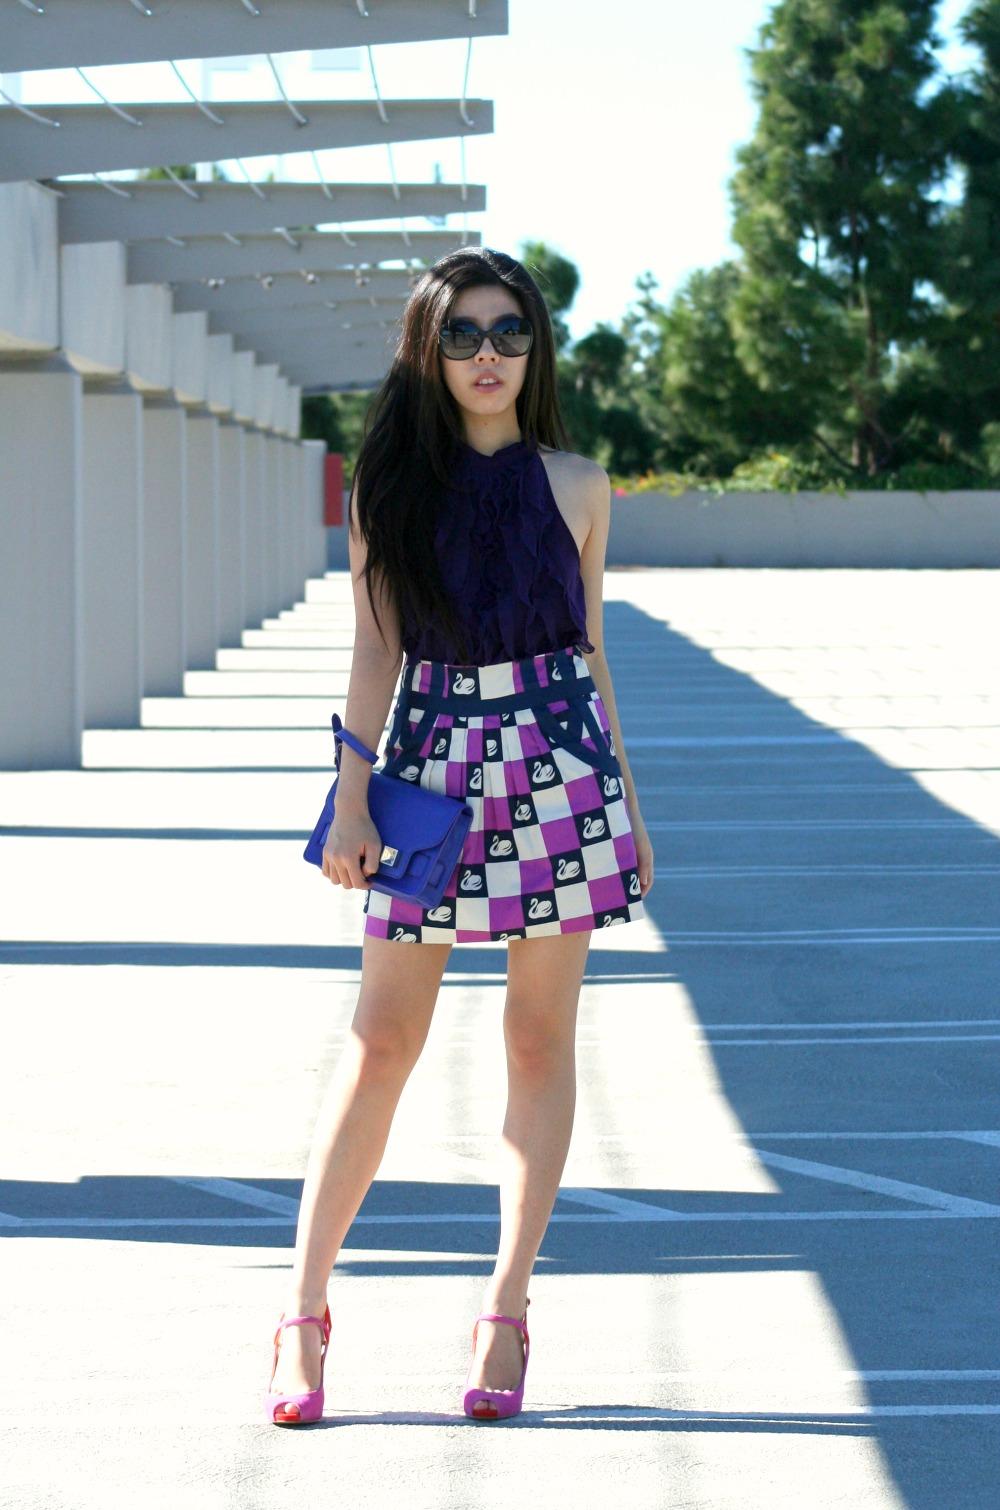 California Fashion Blogger - Orange County Fashion Blogger - SoCal Fashion Blogger - Adrienne Nguyen - Invictus